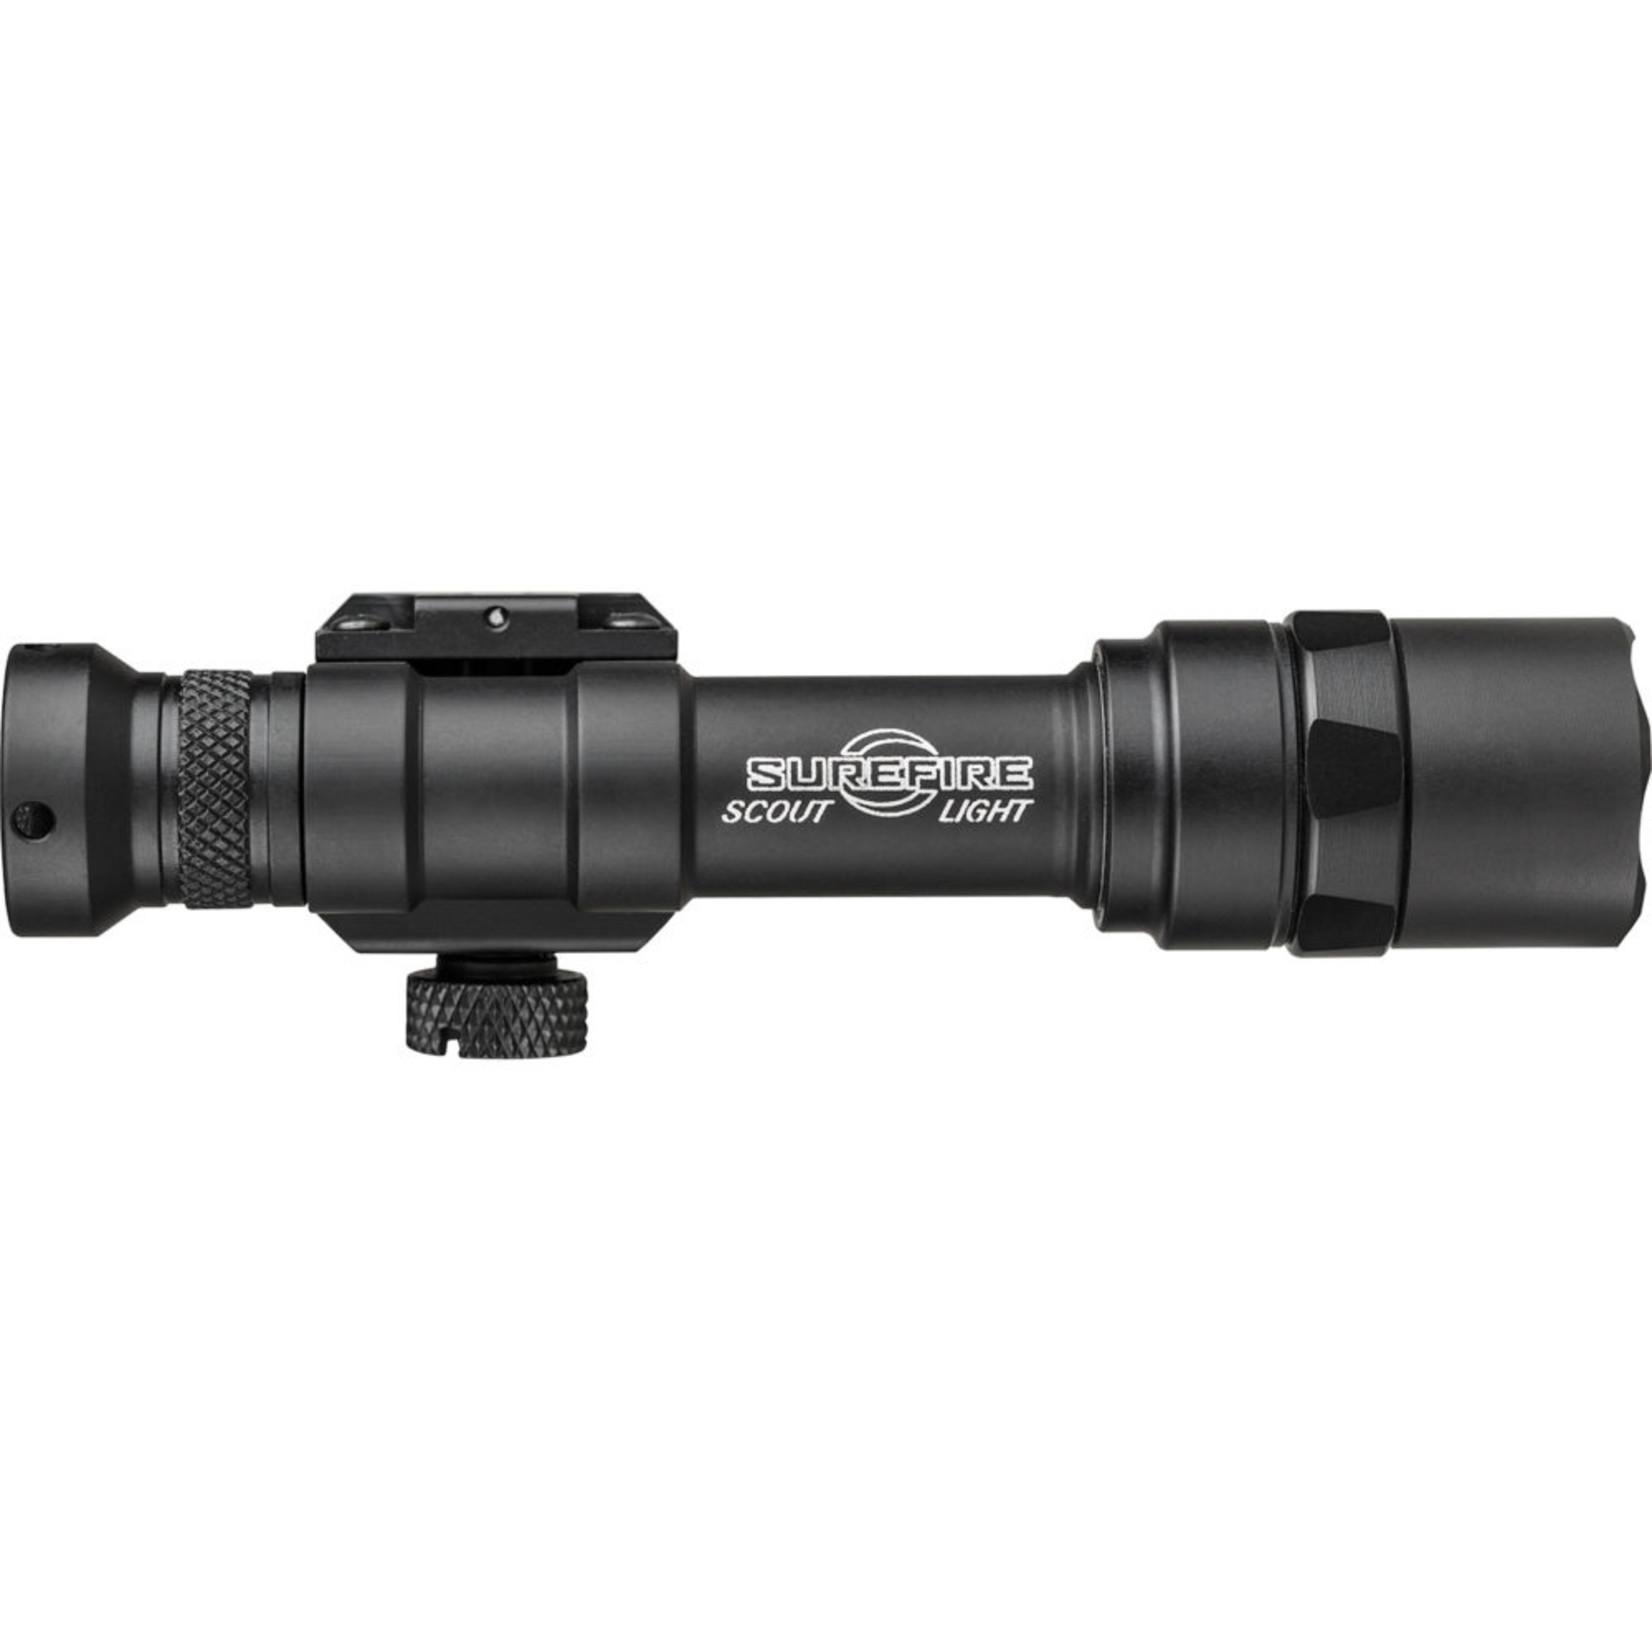 SUREFIRE M600 ULTRA SCOUT LIGHT